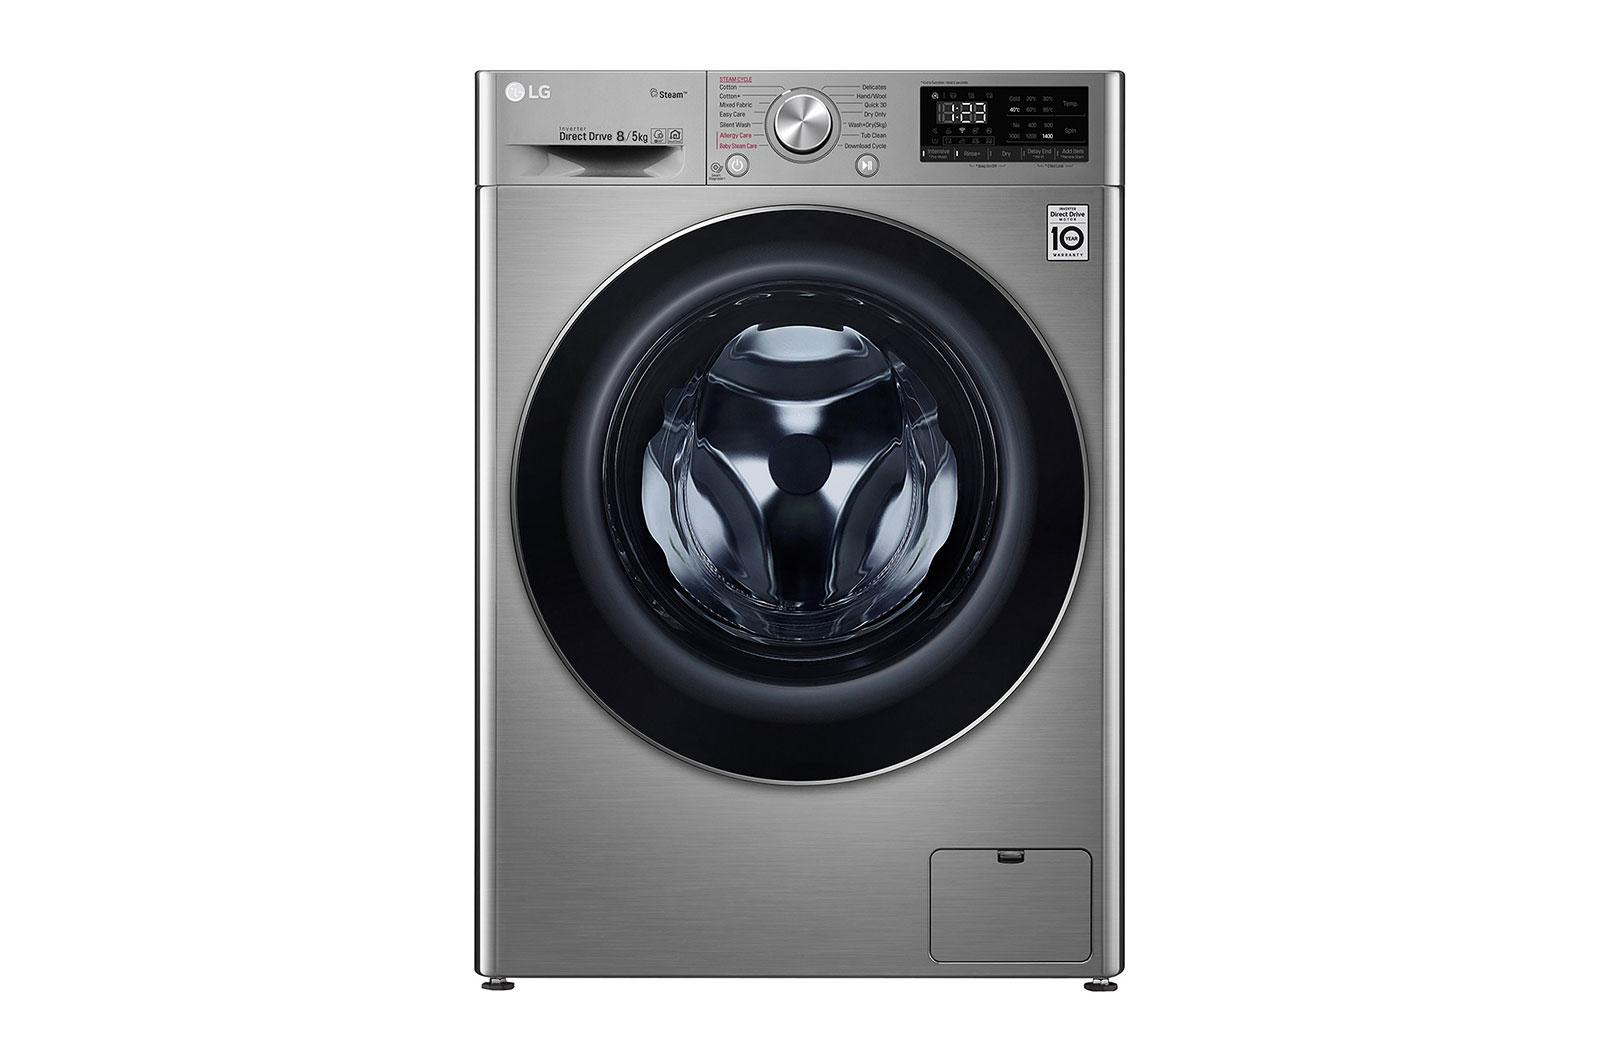 Πλυντήριο Στεγνωτήριο Ρούχων 9kg - 5kg Ατμού, AI DD - F4DV408S2T main image